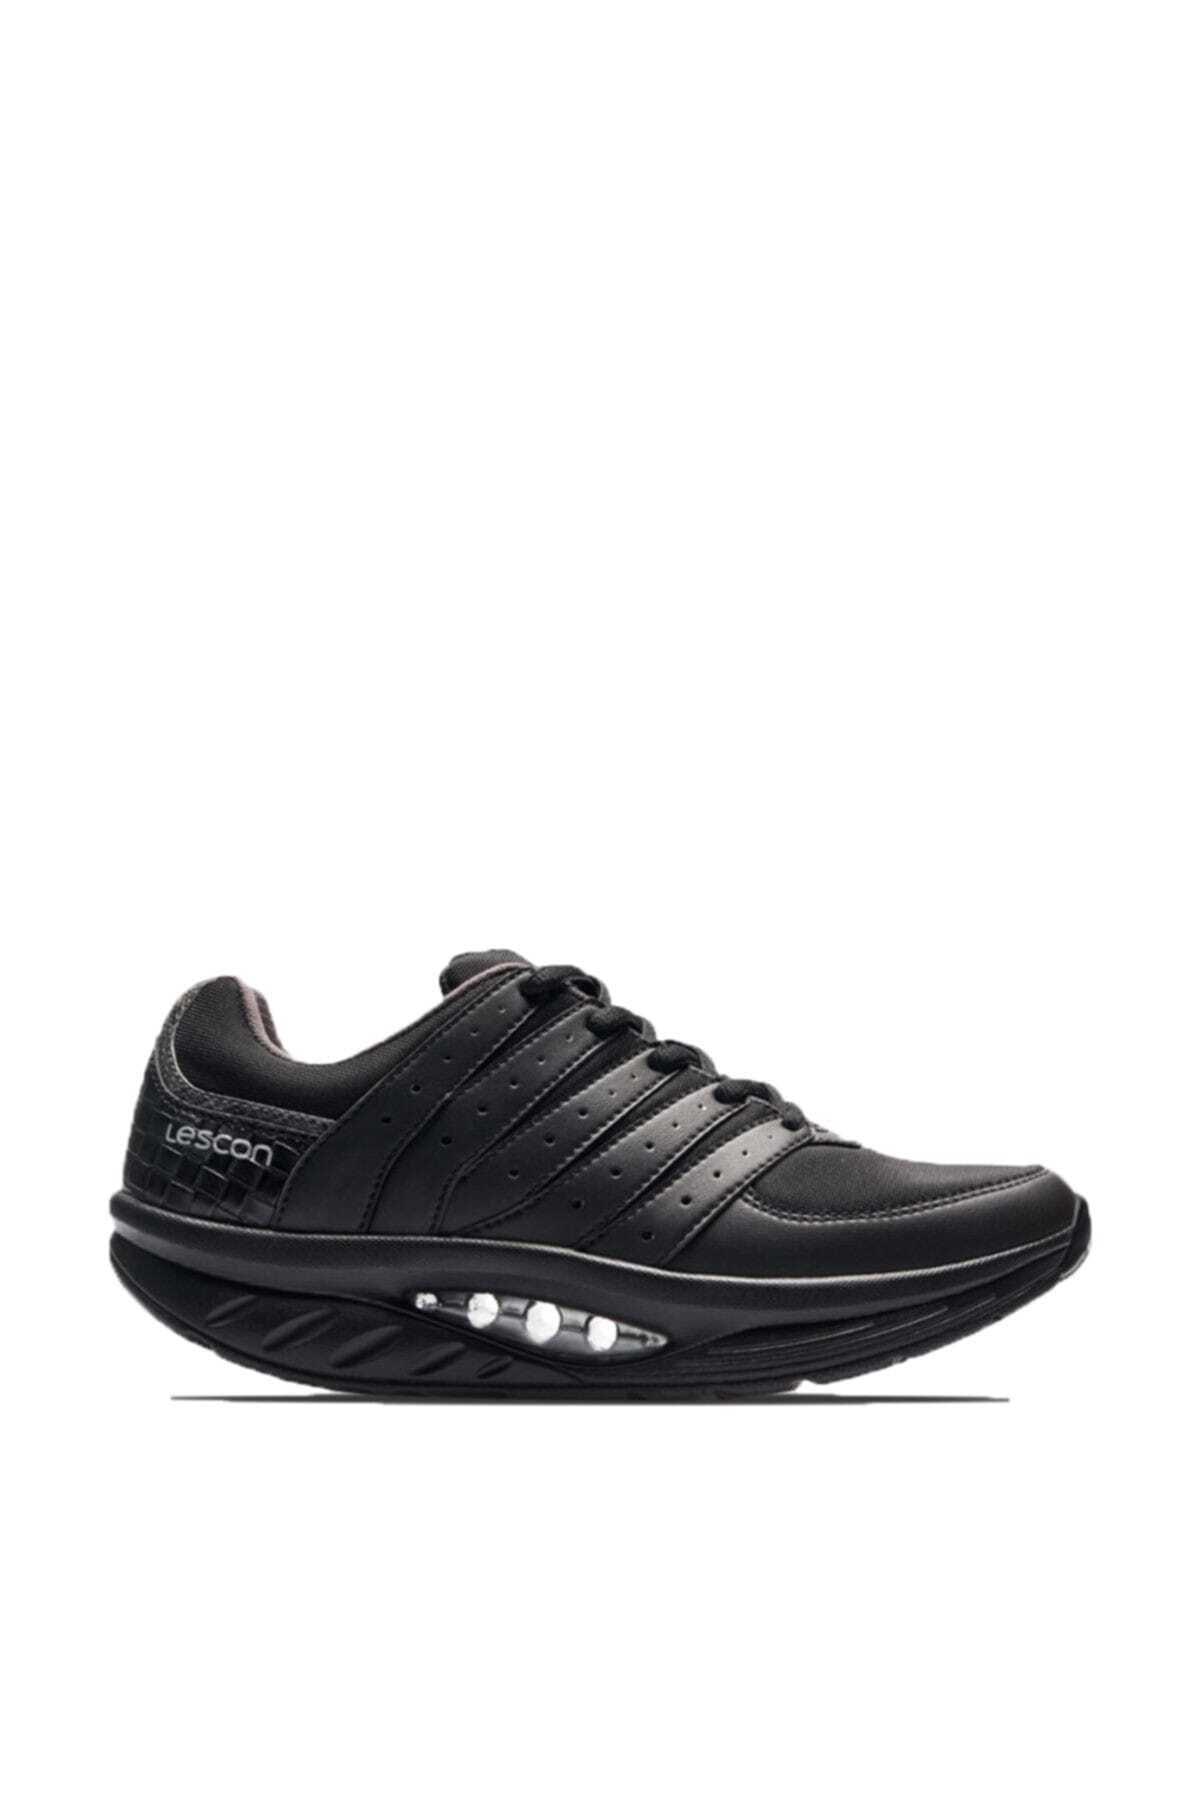 Lescon Kadın Sneaker L-6613easystep - 19bau006613z-633 1